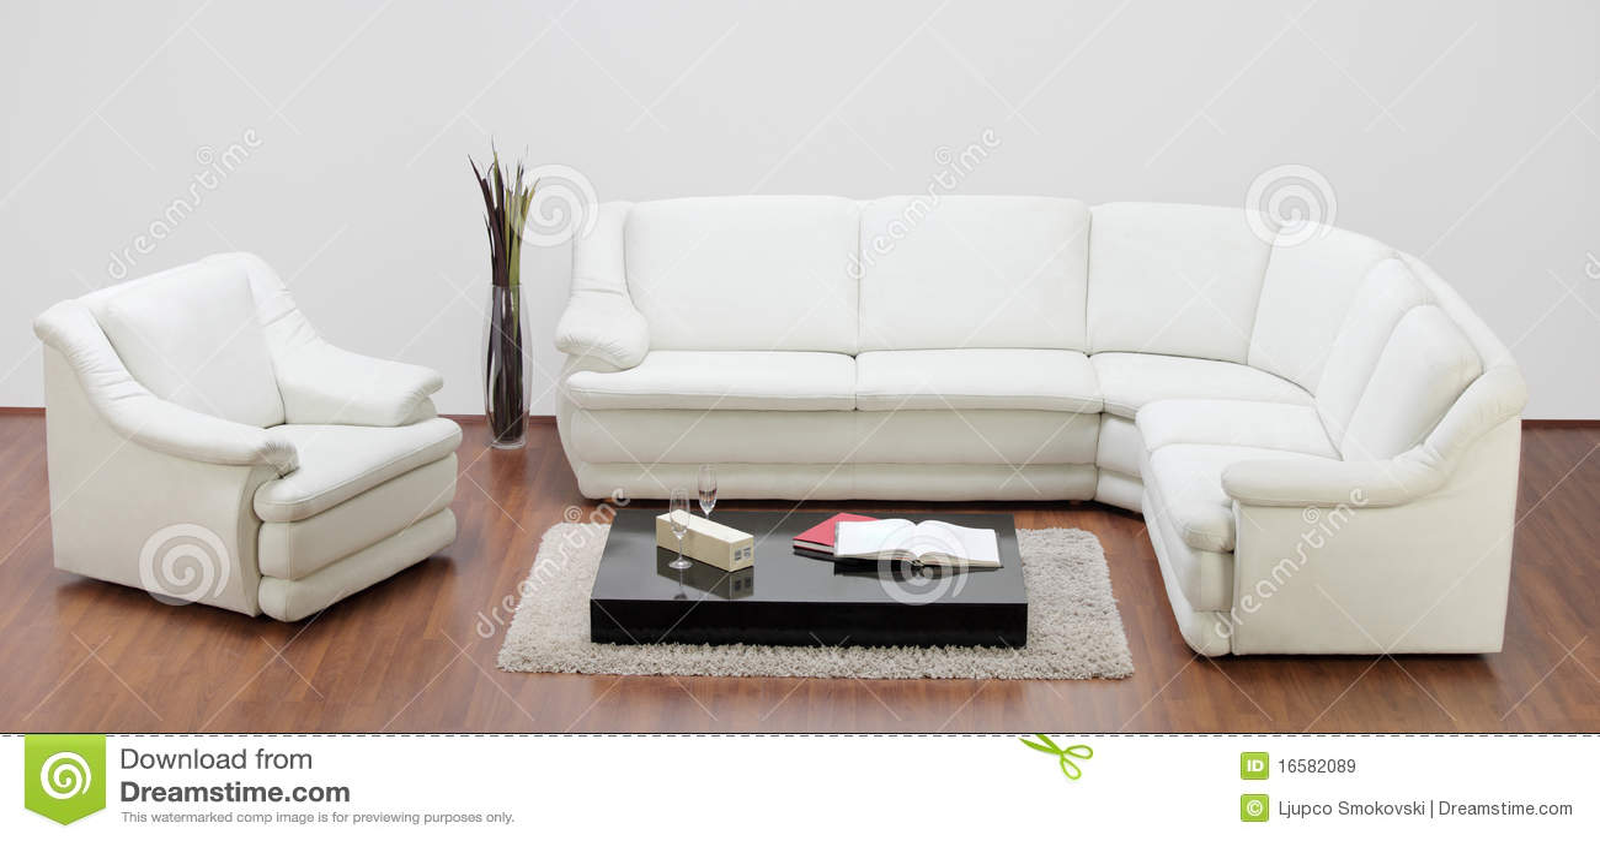 Estudio tirado de muebles blancos im genes de archivo - Muebles coloniales blancos ...